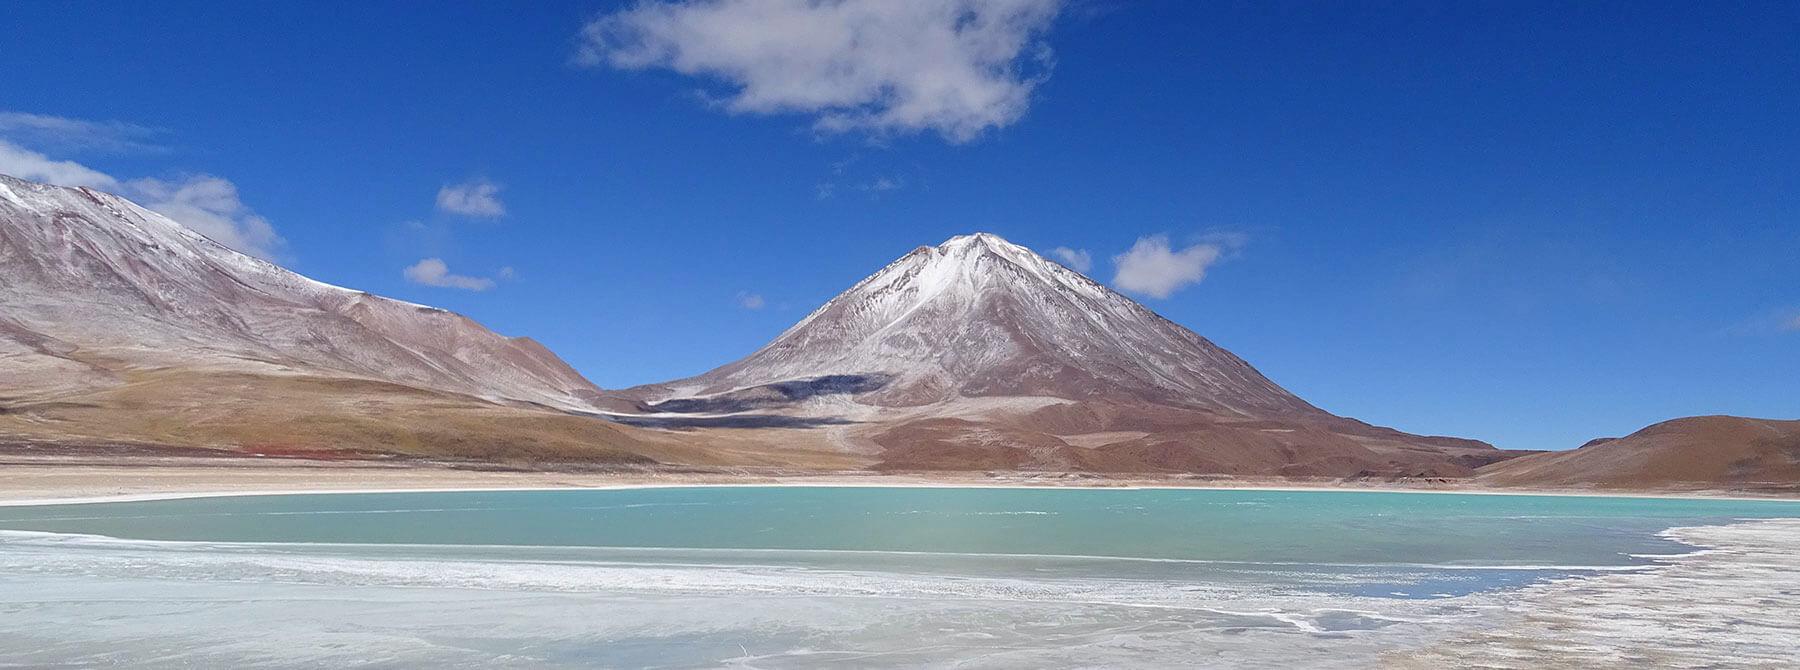 Grüne Lagune on karger Landschaft in Bolivien